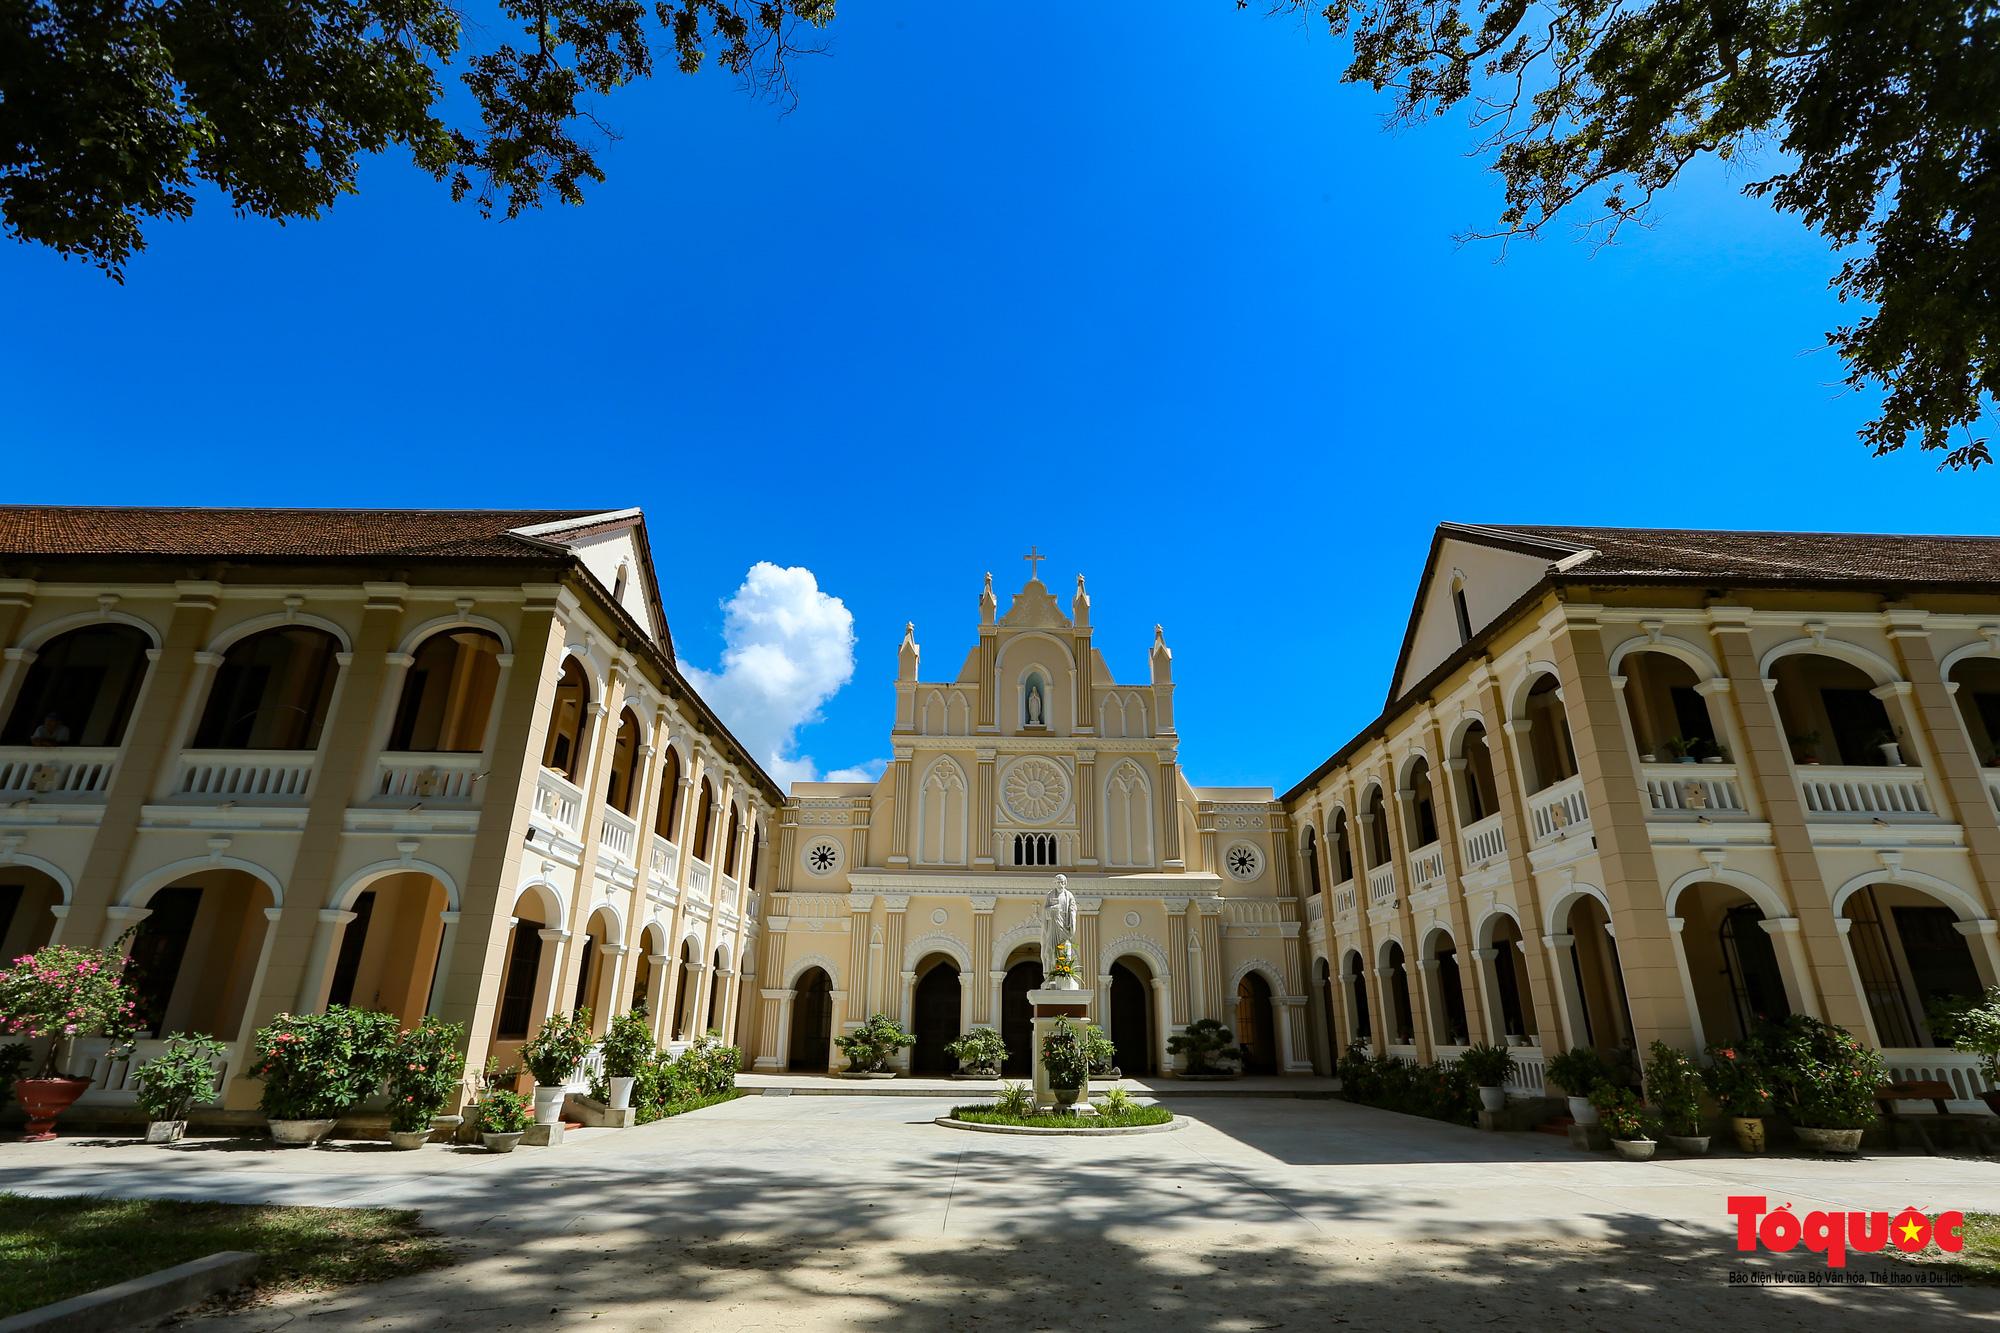 Tiểu Chủng Viện Làng Sông - kiến trúc Gothic tuyệt đẹp giữa đồng quê Việt Nam - Ảnh 13.